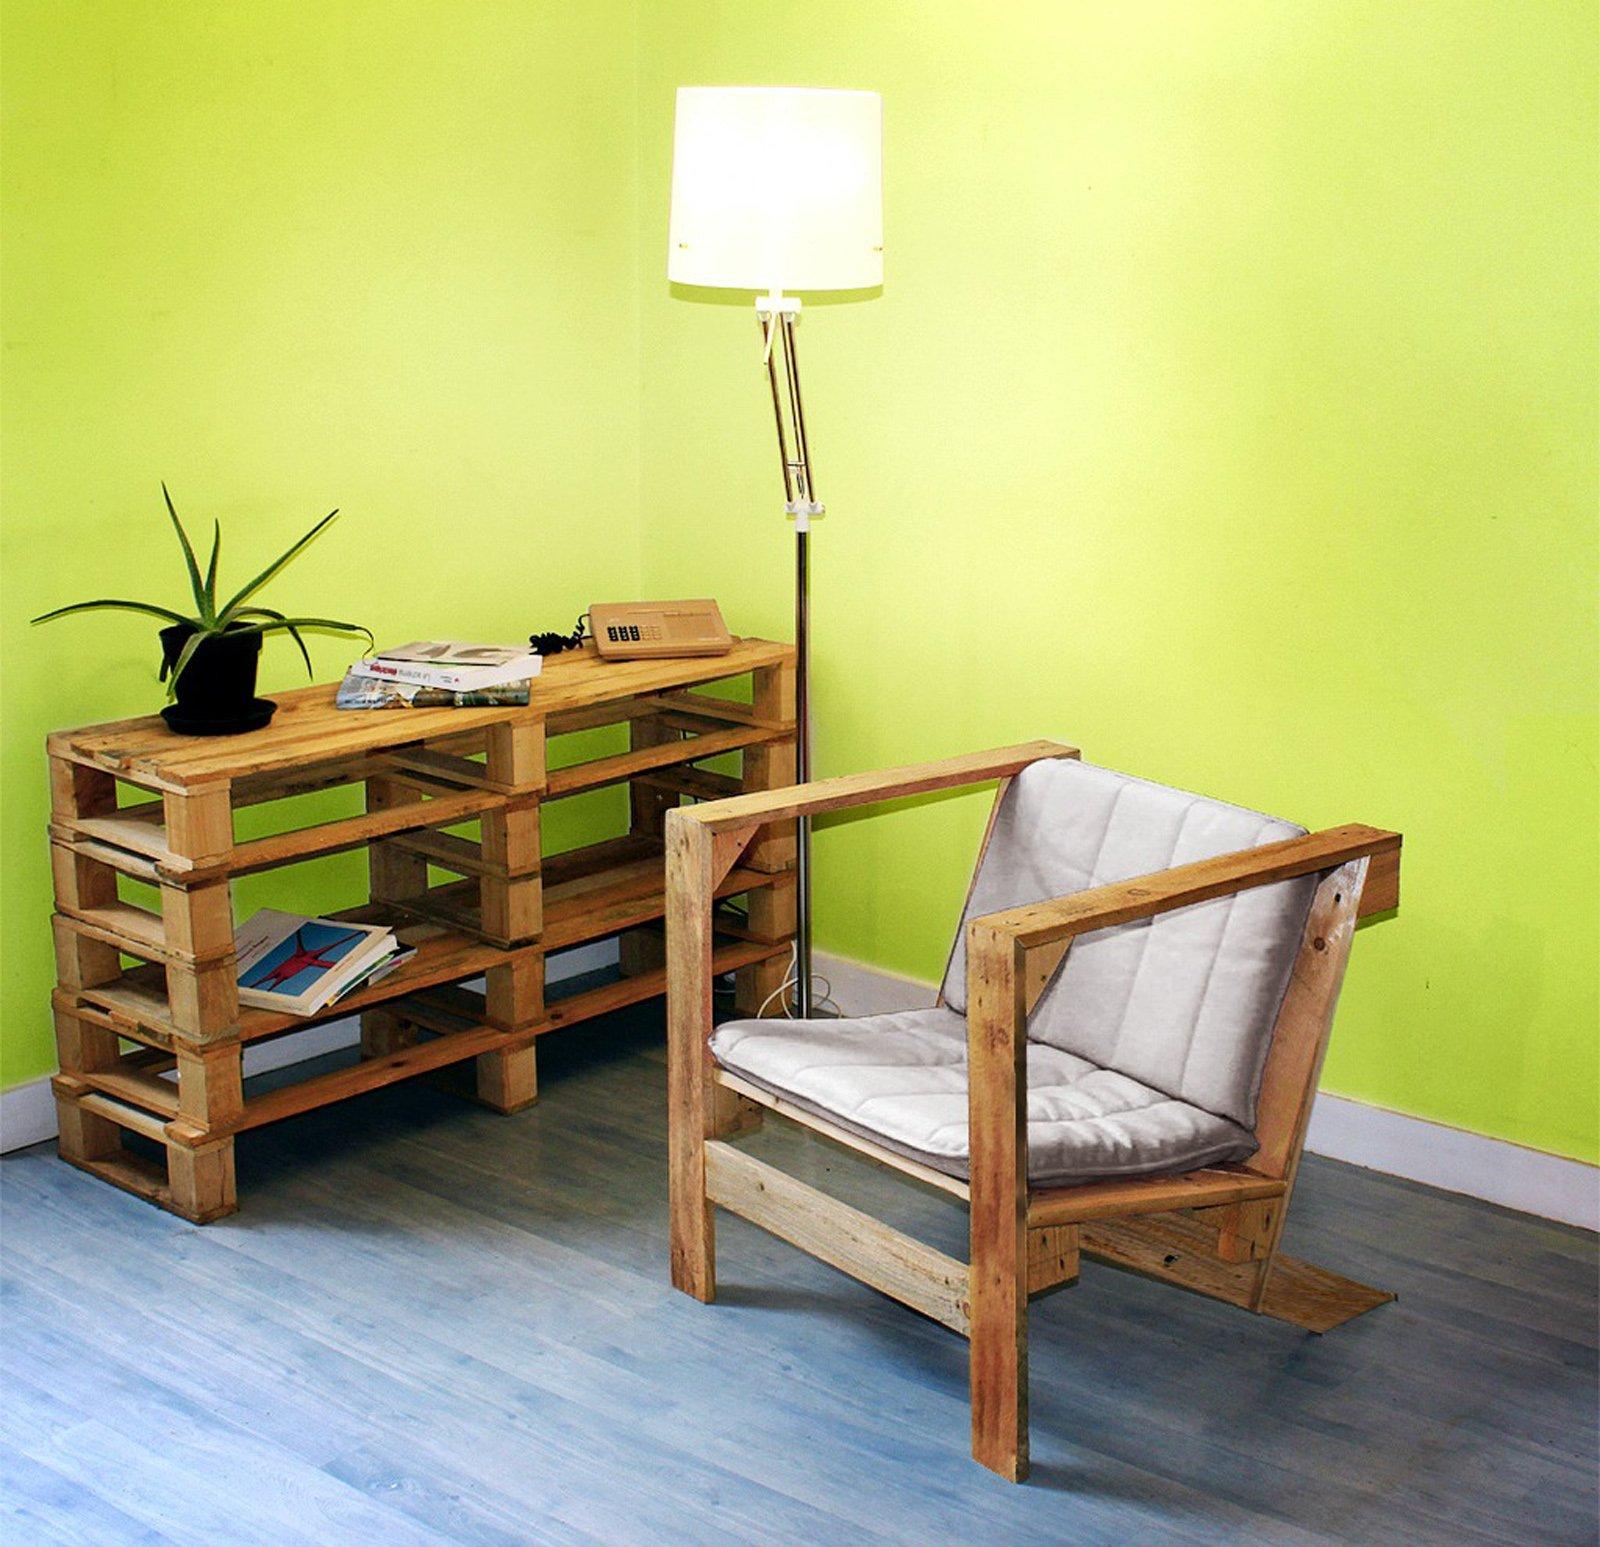 Pallet da supporto per le merci ad arredo ecosostenibile - Mobili con bancali di legno ...